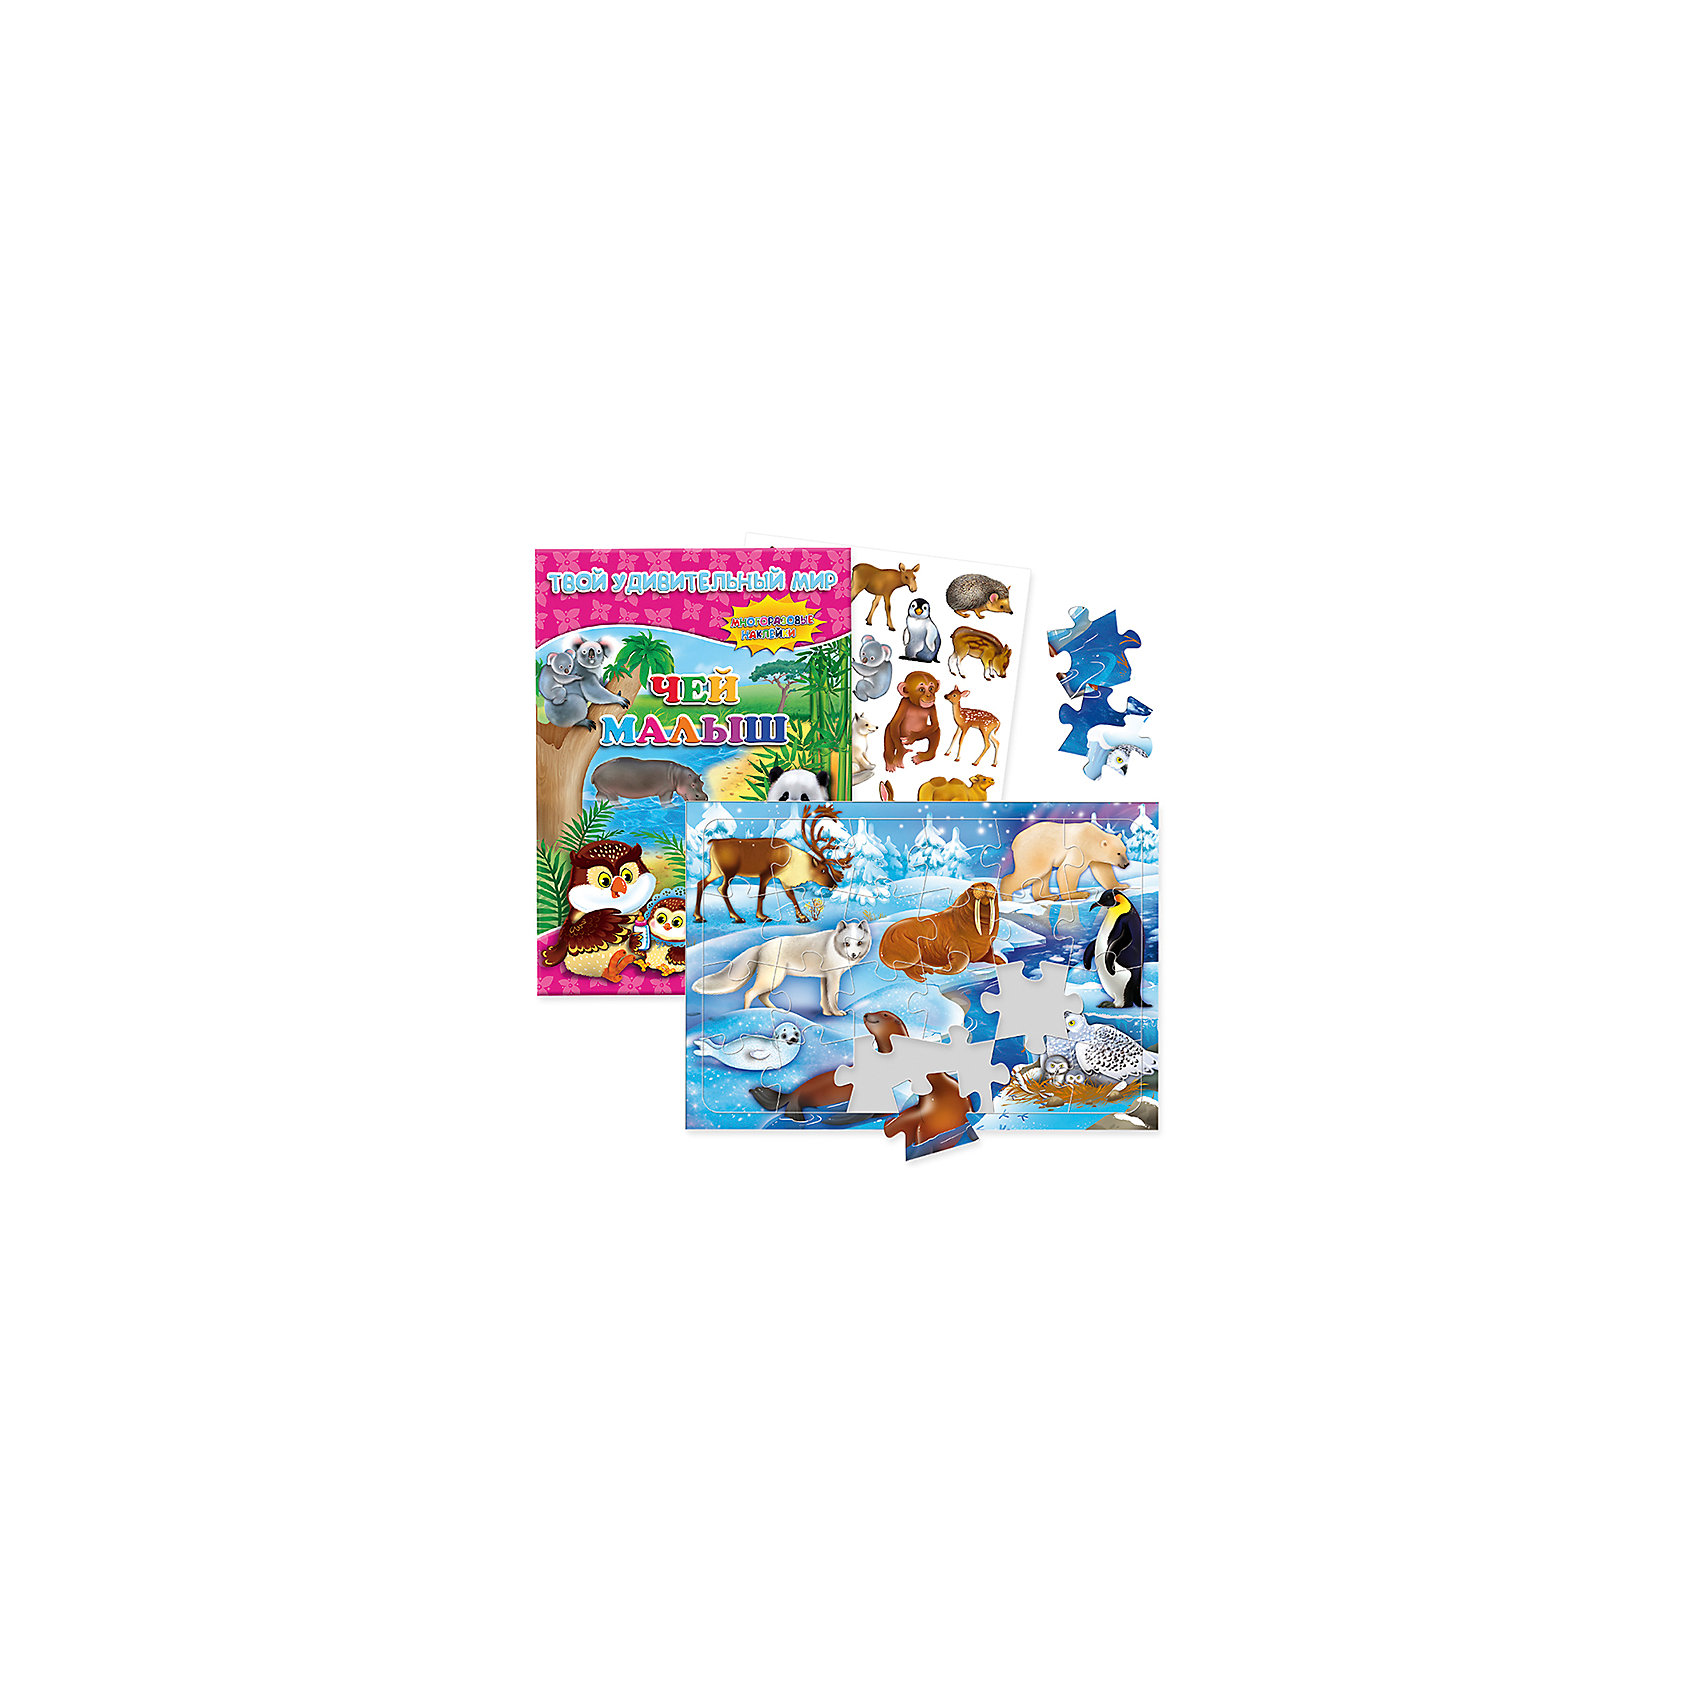 Комплект Чей малыш (2 предмета)Книги для развития творческих навыков<br>Комплект Чей малыш (2 предмета)<br><br>Характеристики:<br><br>• В набор входит: пазл, книжка<br>• Количество деталей пазла: 24 шт.<br>• Размер: 28 * 0,5 * 20 см.<br>• Состав: бумага, картон<br>• Вес: 230 г.<br>• Для детей в возрасте: от 3 до 7 лет<br>• Страна производитель: Россия<br><br>Книжка рассказывает интересные явления о животных и об их детенышах, предлагает задания и содержит многоразовые тематические наклейки. Наклейки разделены на блоки и рассказывают постепенно о разных группах зверей, всего в наборе 43 наклейки. Пазл в специальной рамке с нижним картонным слоем можно собирать и в дороге, ведь его детали не разбегутся по сторонам. <br><br>Комплект Чей малыш (2 предмета) можно купить в нашем интернет-магазине.<br><br>Ширина мм: 280<br>Глубина мм: 200<br>Высота мм: 5<br>Вес г: 230<br>Возраст от месяцев: 36<br>Возраст до месяцев: 84<br>Пол: Унисекс<br>Возраст: Детский<br>SKU: 5422978